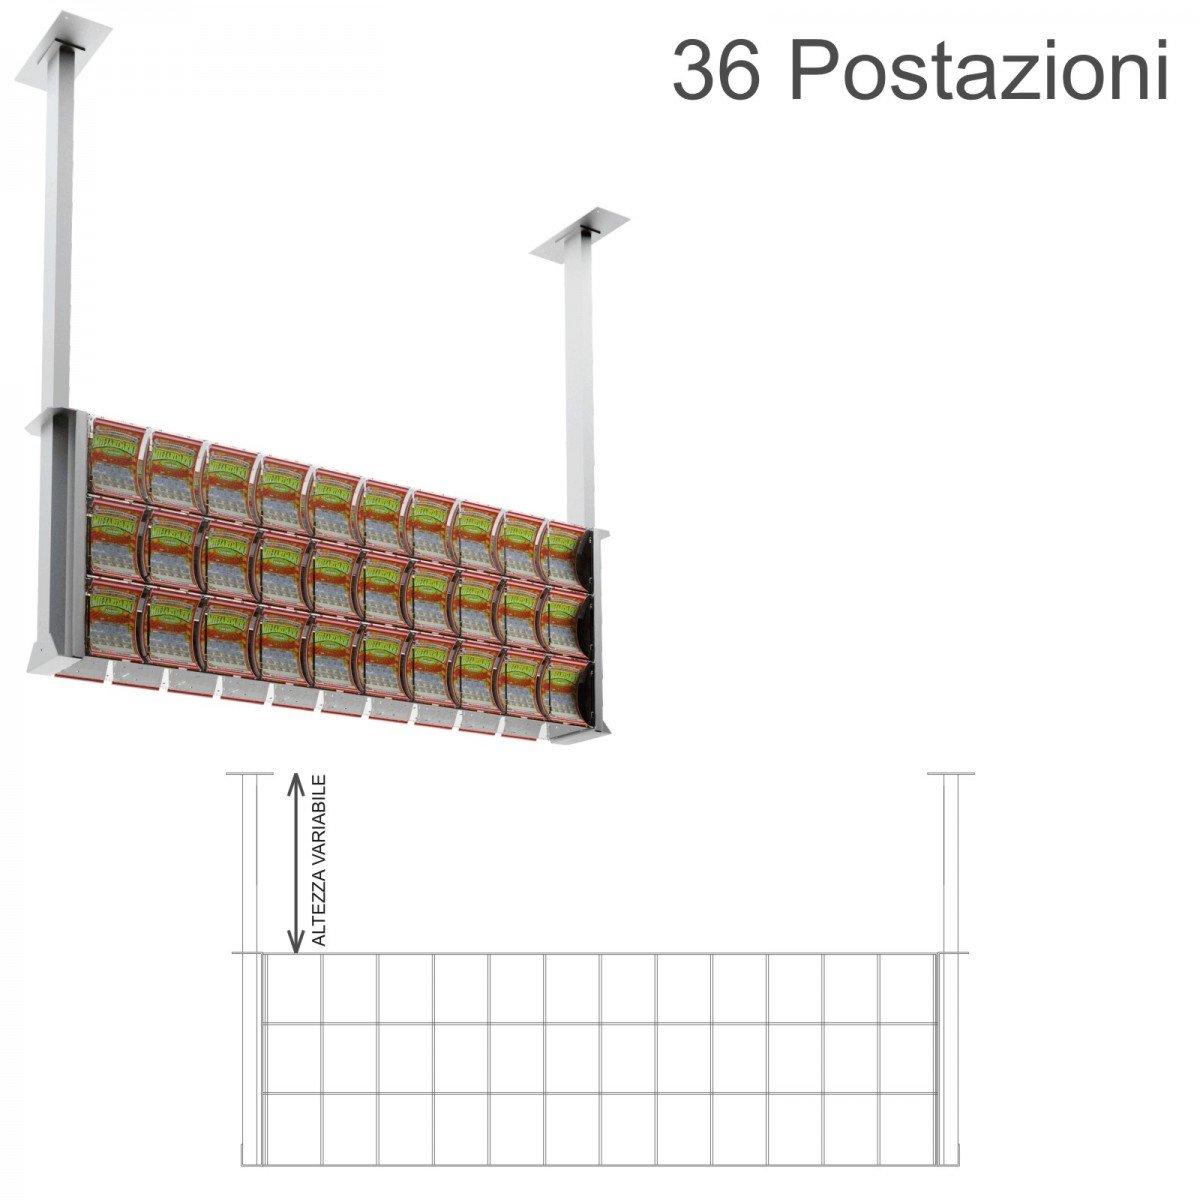 Espositore gratta e vinci da soffitto in plexiglass trasparente a 36 contenitori munito di sportellino frontale lato rivenditore